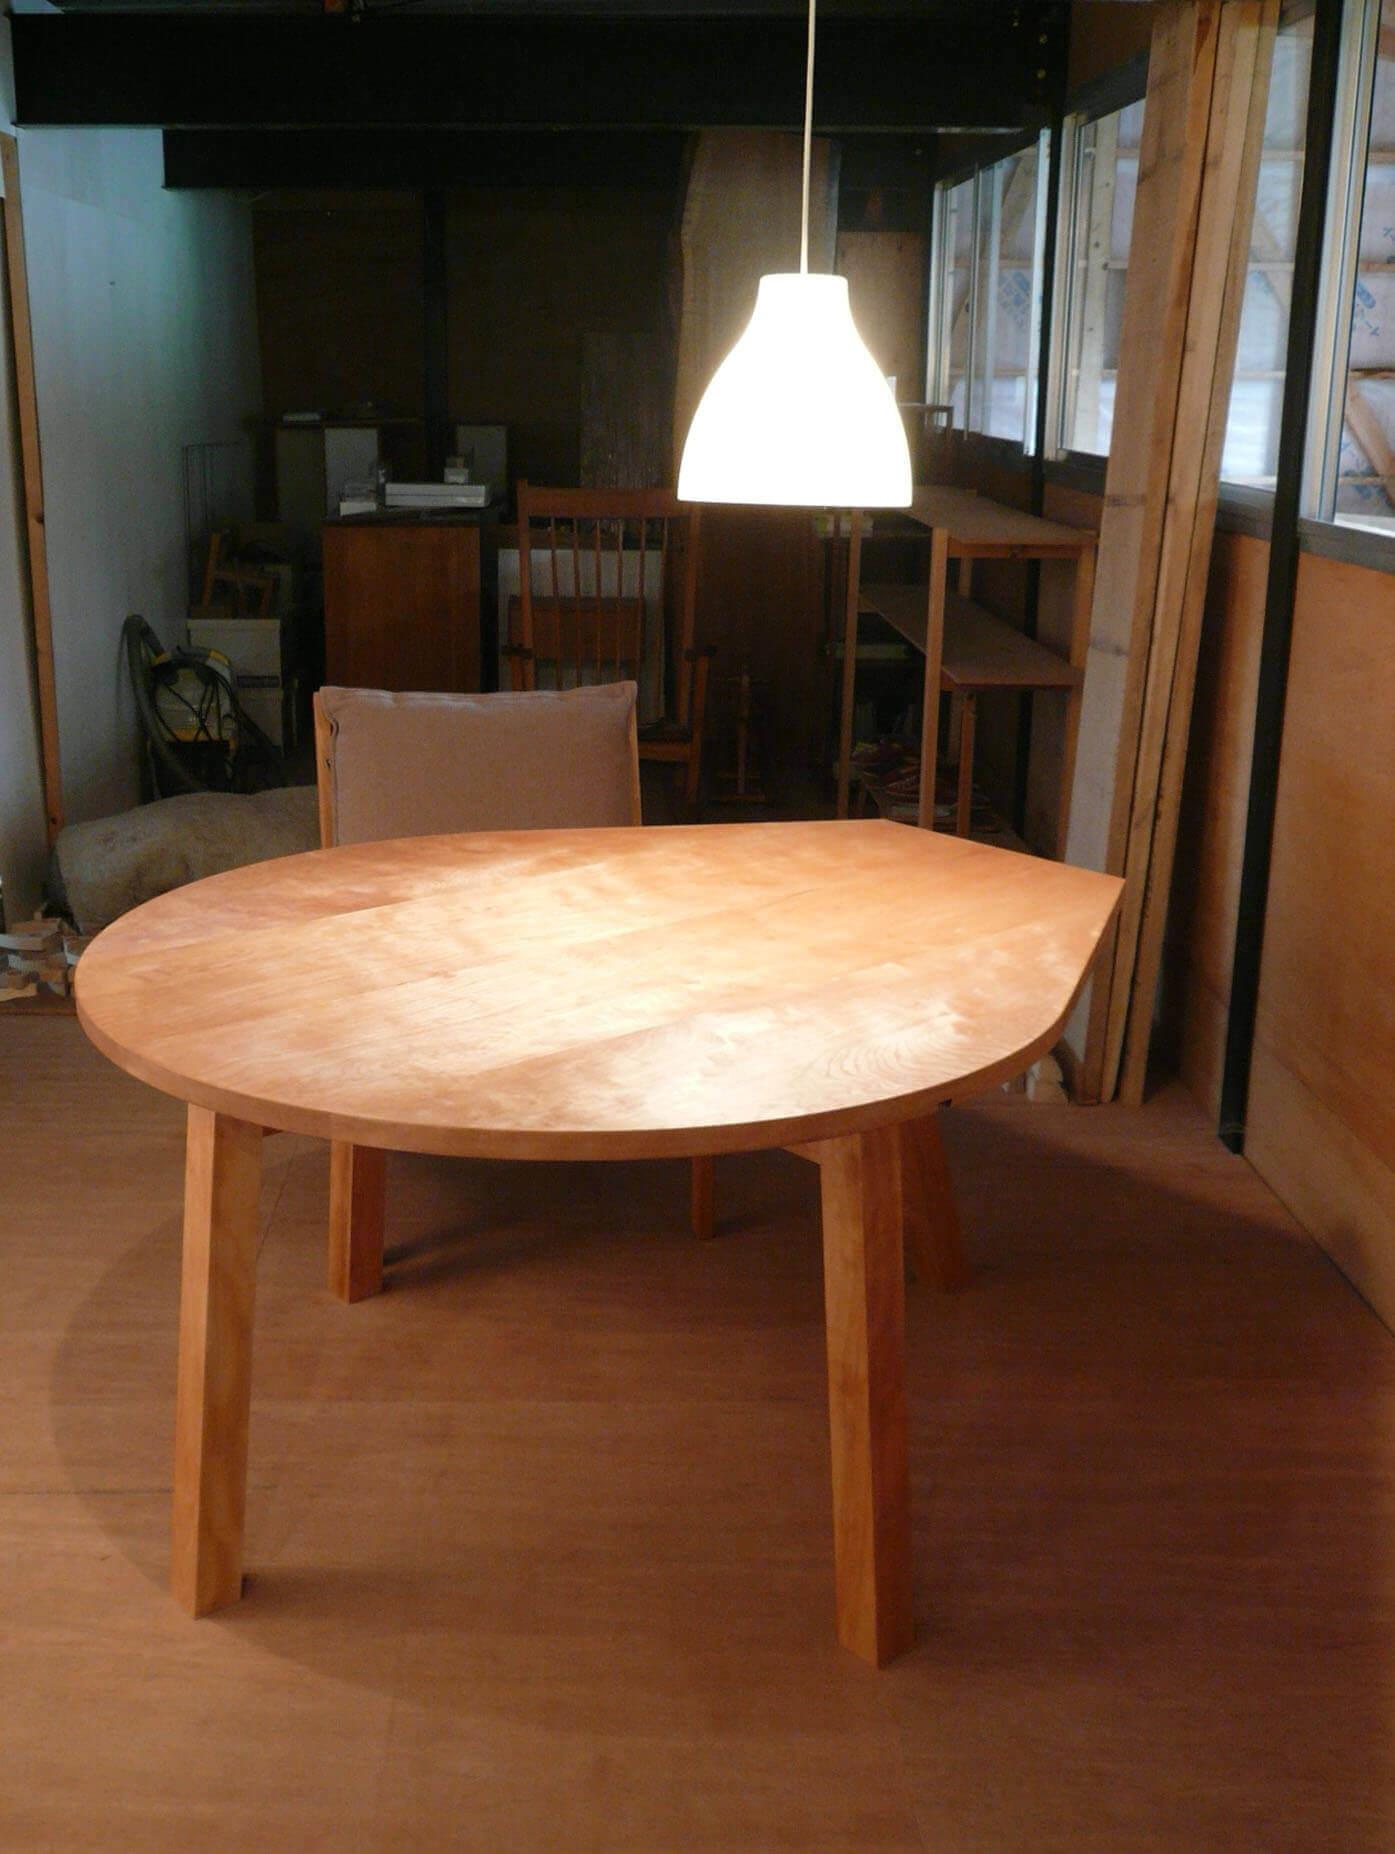 港北N邸の涙型テーブルは「じっくり、ゆっくり、テーブルを囲む」がテーマ